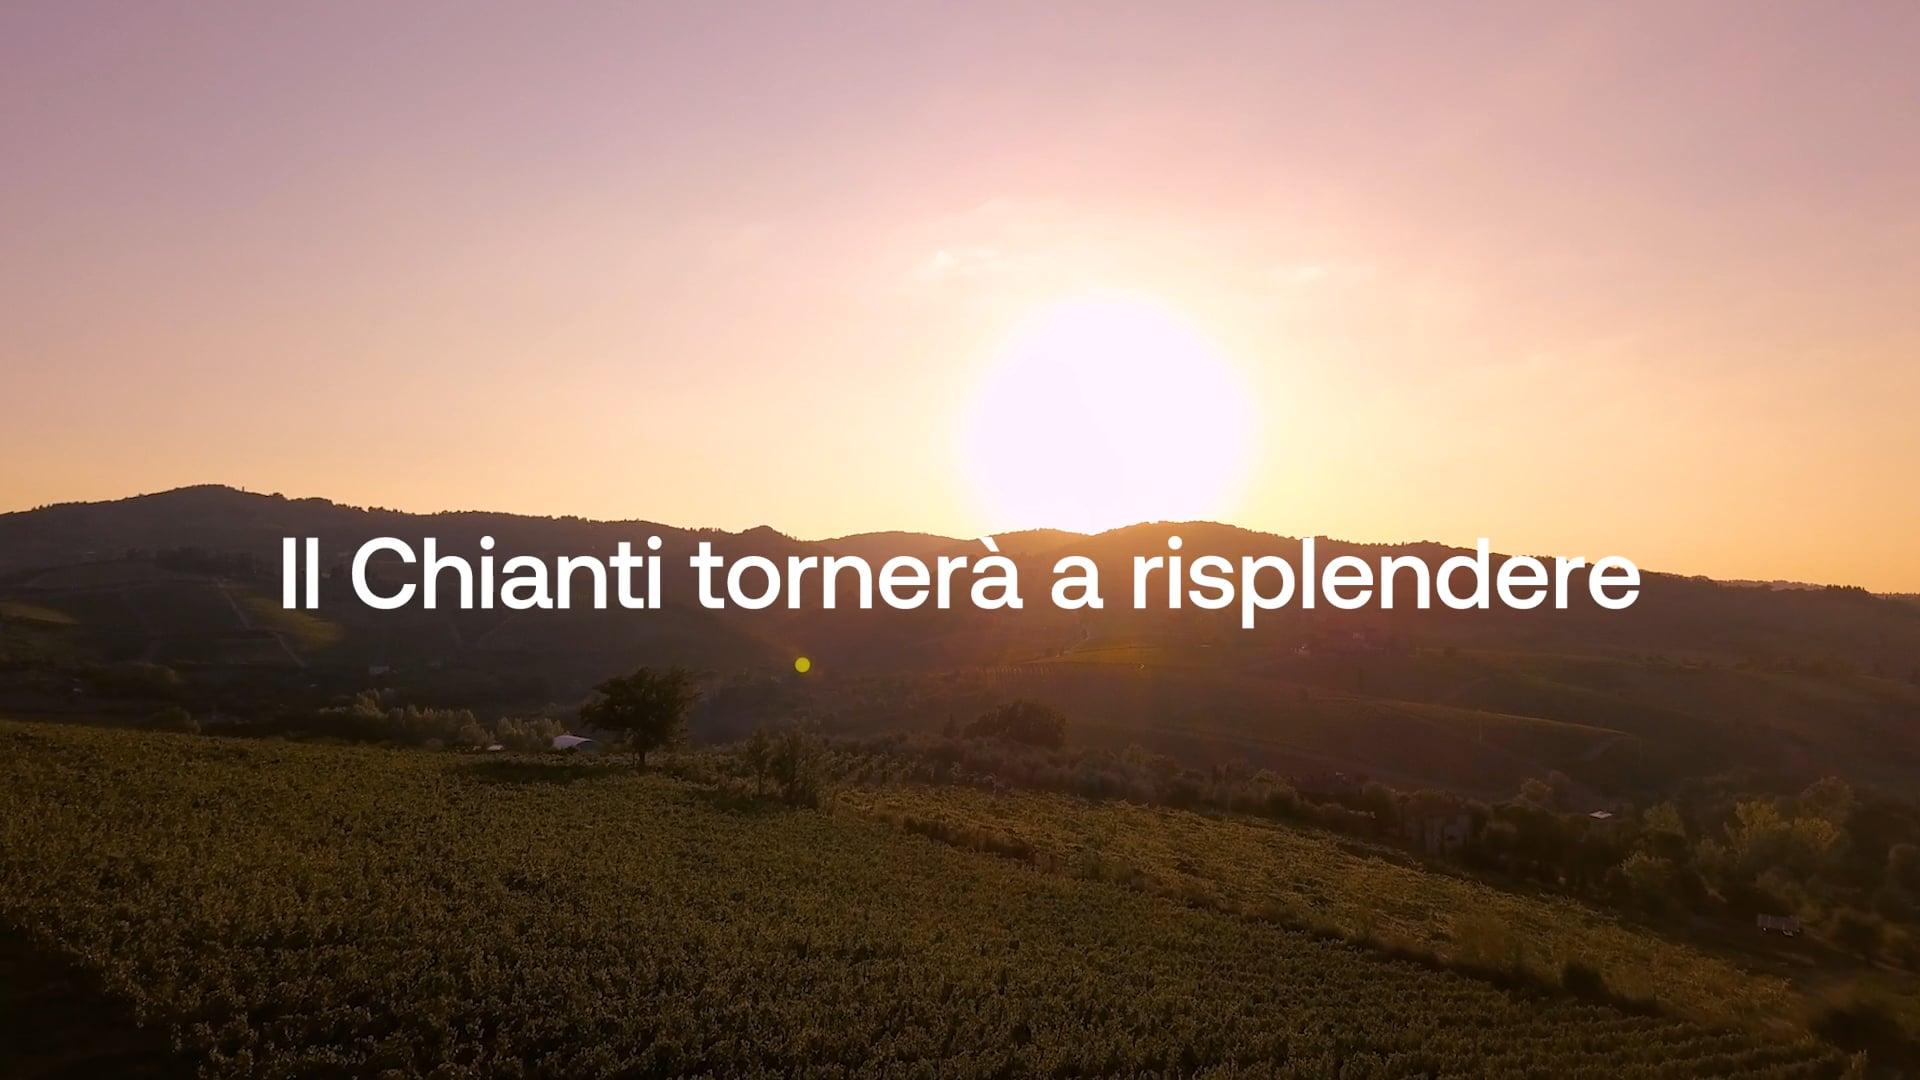 IL CHIANTI TORNERA' A RISPLENDERE